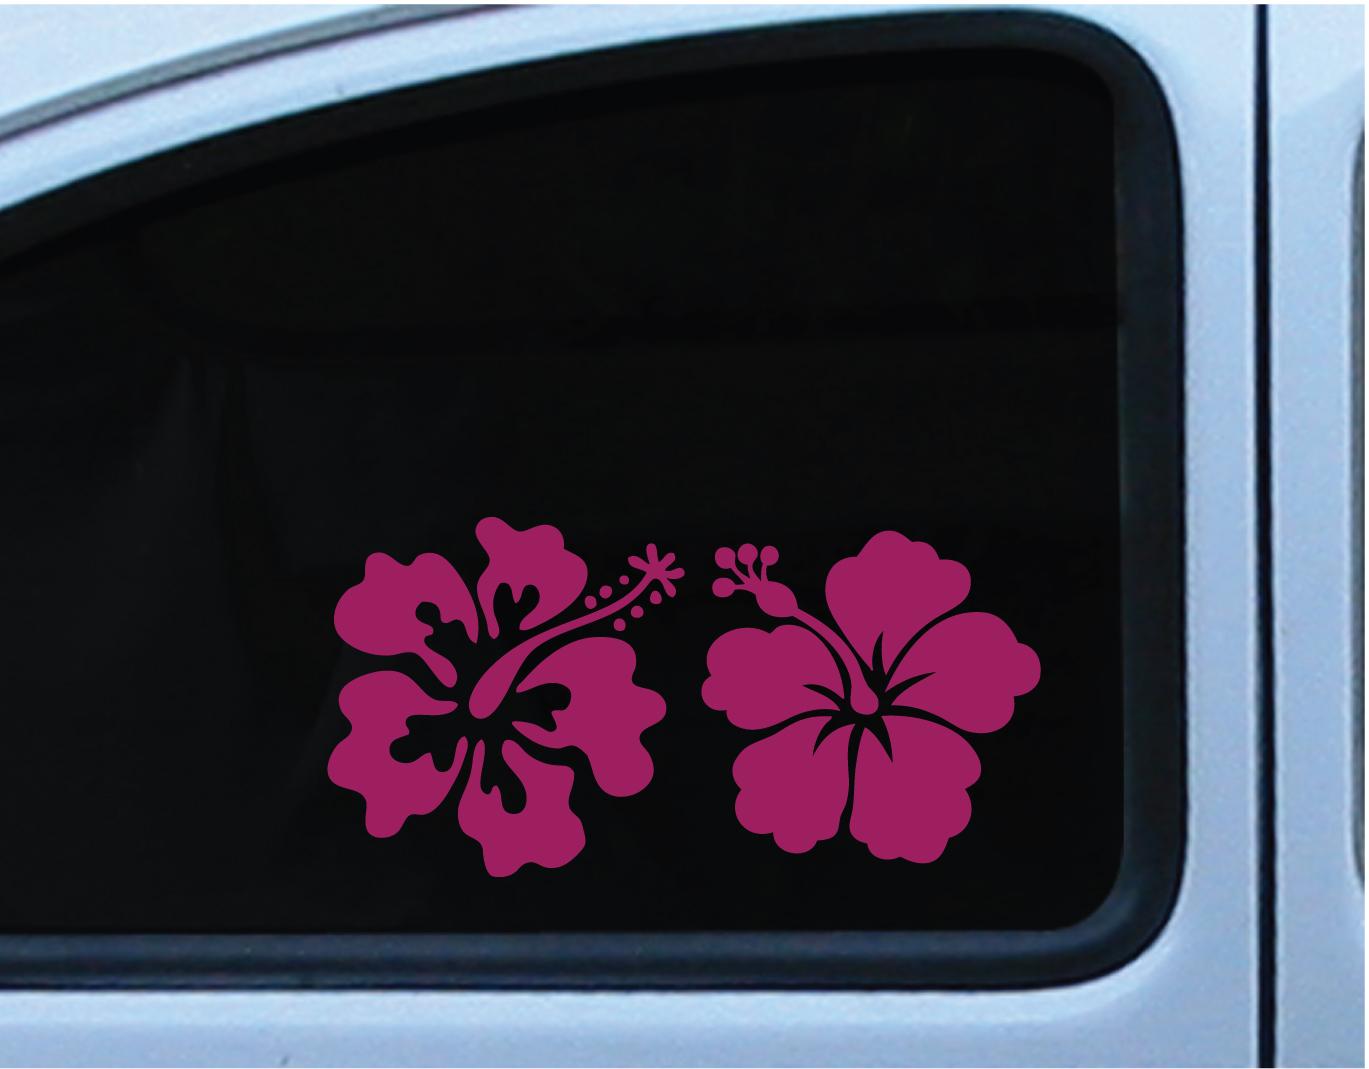 Hibiscus flower set of 2 decal vinyl die cut stickers 5 inch in hibiscus flower set of 2 decal vinyl die cut stickers 5 inch in multiple of different izmirmasajfo